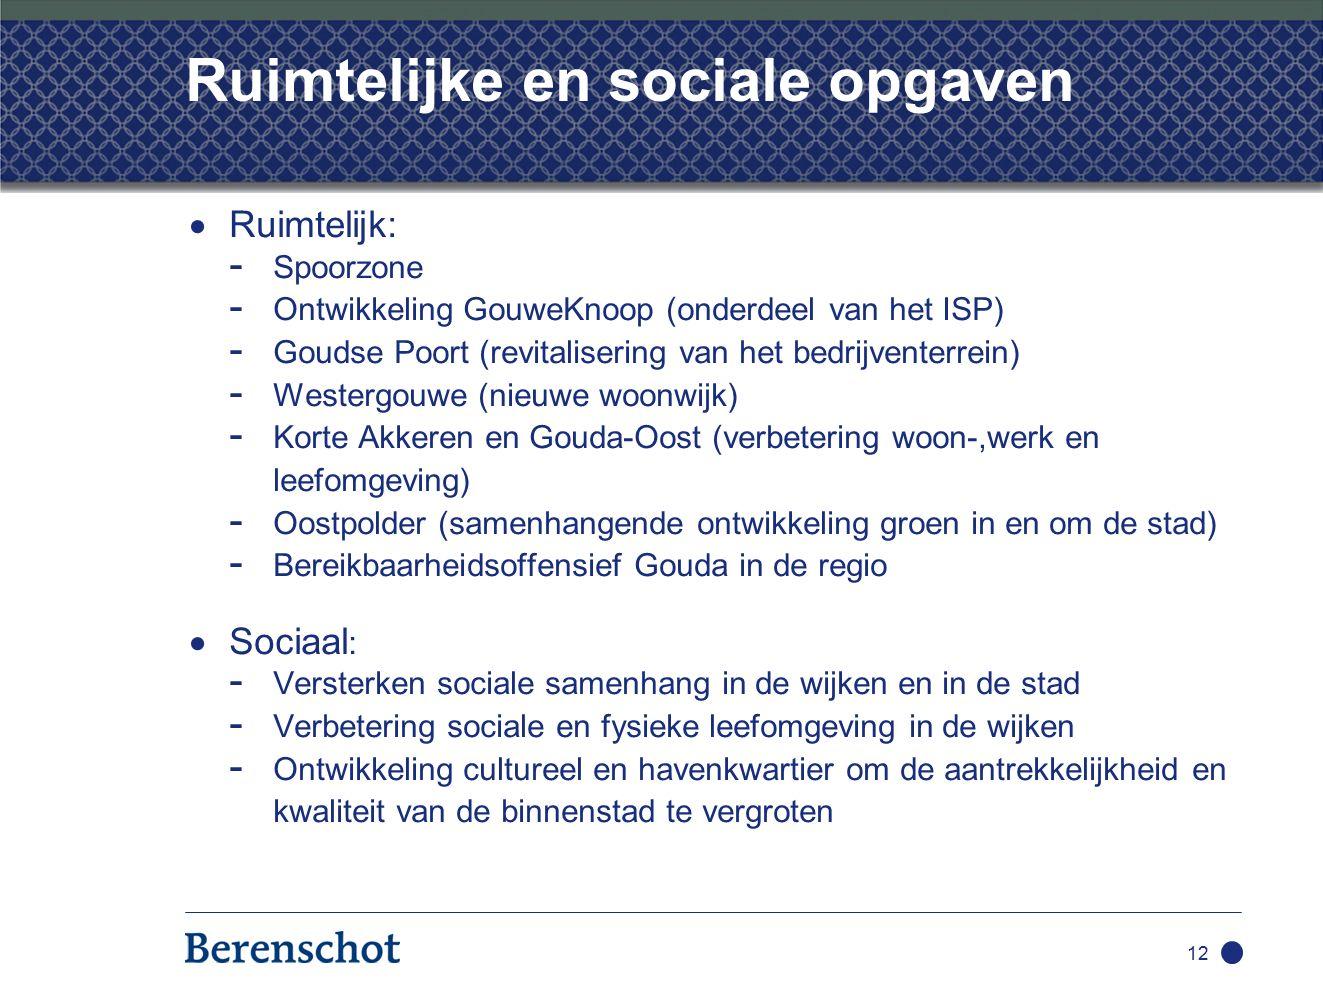 12 Ruimtelijke en sociale opgaven  Ruimtelijk: - Spoorzone - Ontwikkeling GouweKnoop (onderdeel van het ISP) - Goudse Poort (revitalisering van het bedrijventerrein) - Westergouwe (nieuwe woonwijk) - Korte Akkeren en Gouda-Oost (verbetering woon-,werk en leefomgeving) - Oostpolder (samenhangende ontwikkeling groen in en om de stad) - Bereikbaarheidsoffensief Gouda in de regio  Sociaal : - Versterken sociale samenhang in de wijken en in de stad - Verbetering sociale en fysieke leefomgeving in de wijken - Ontwikkeling cultureel en havenkwartier om de aantrekkelijkheid en kwaliteit van de binnenstad te vergroten